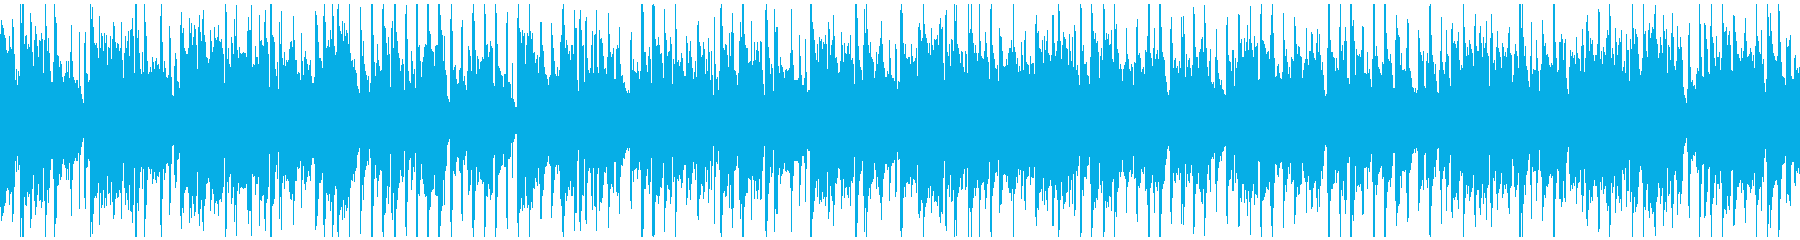 かっこいいクラブジャズ ※ループ仕様版の再生済みの波形